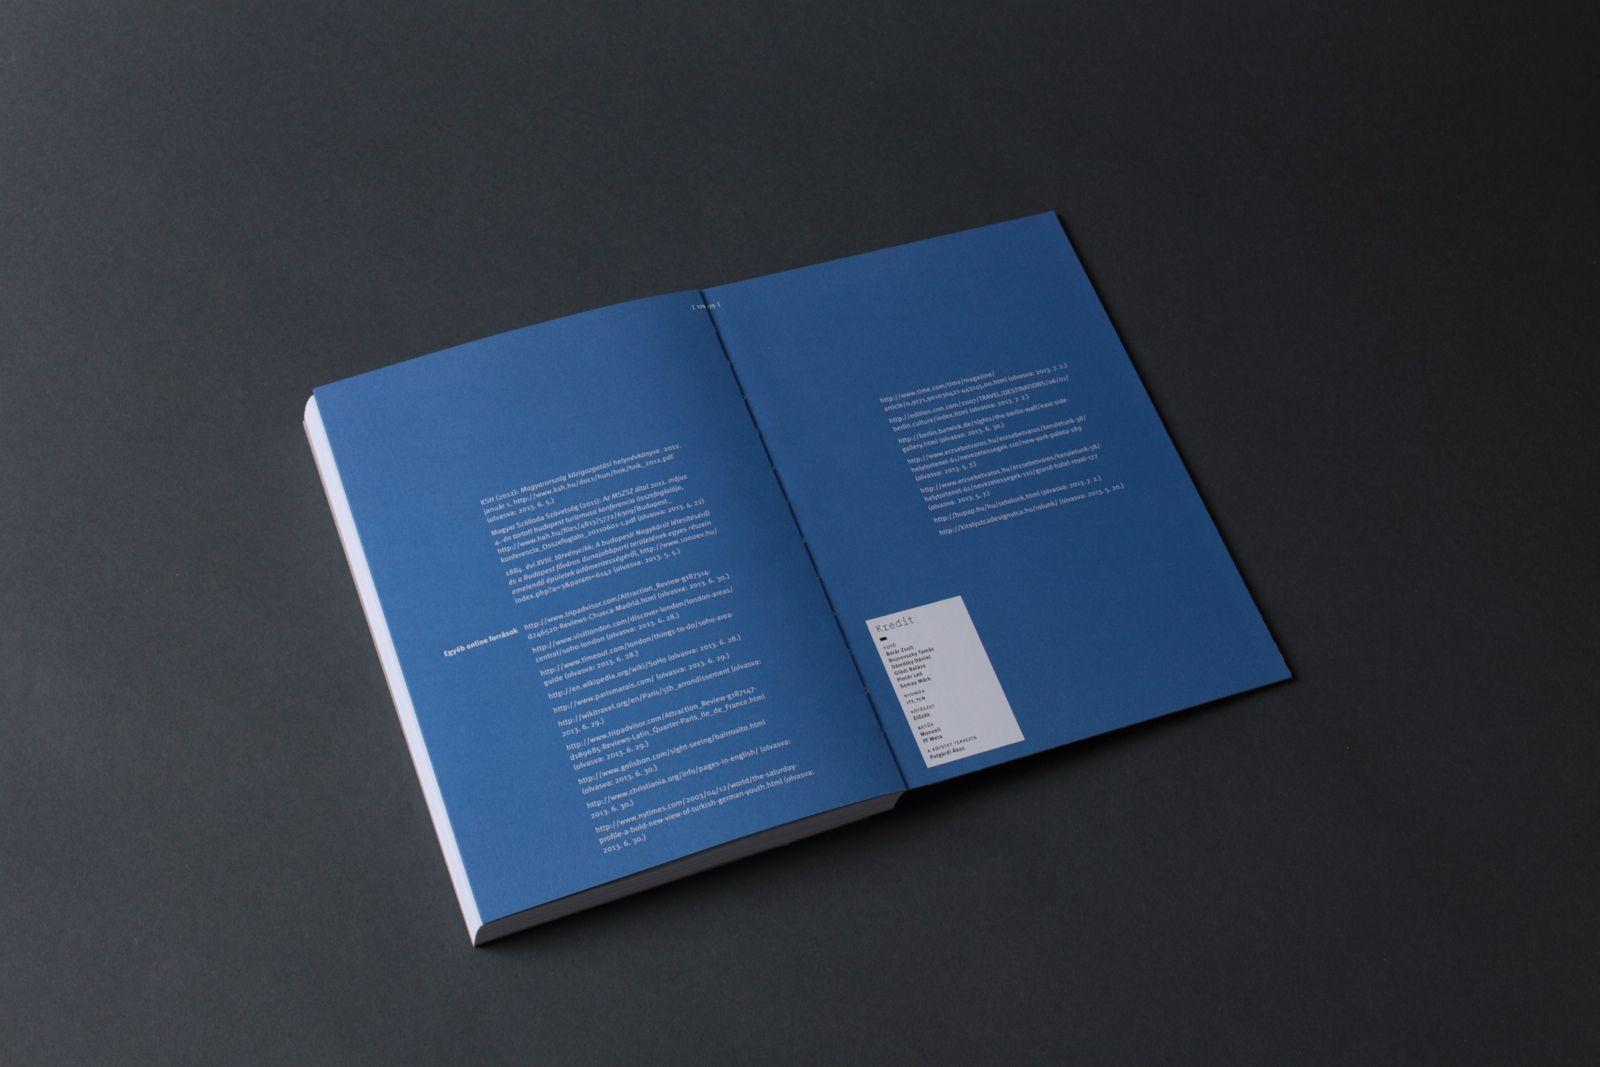 Project descriptionbook design for interior designer